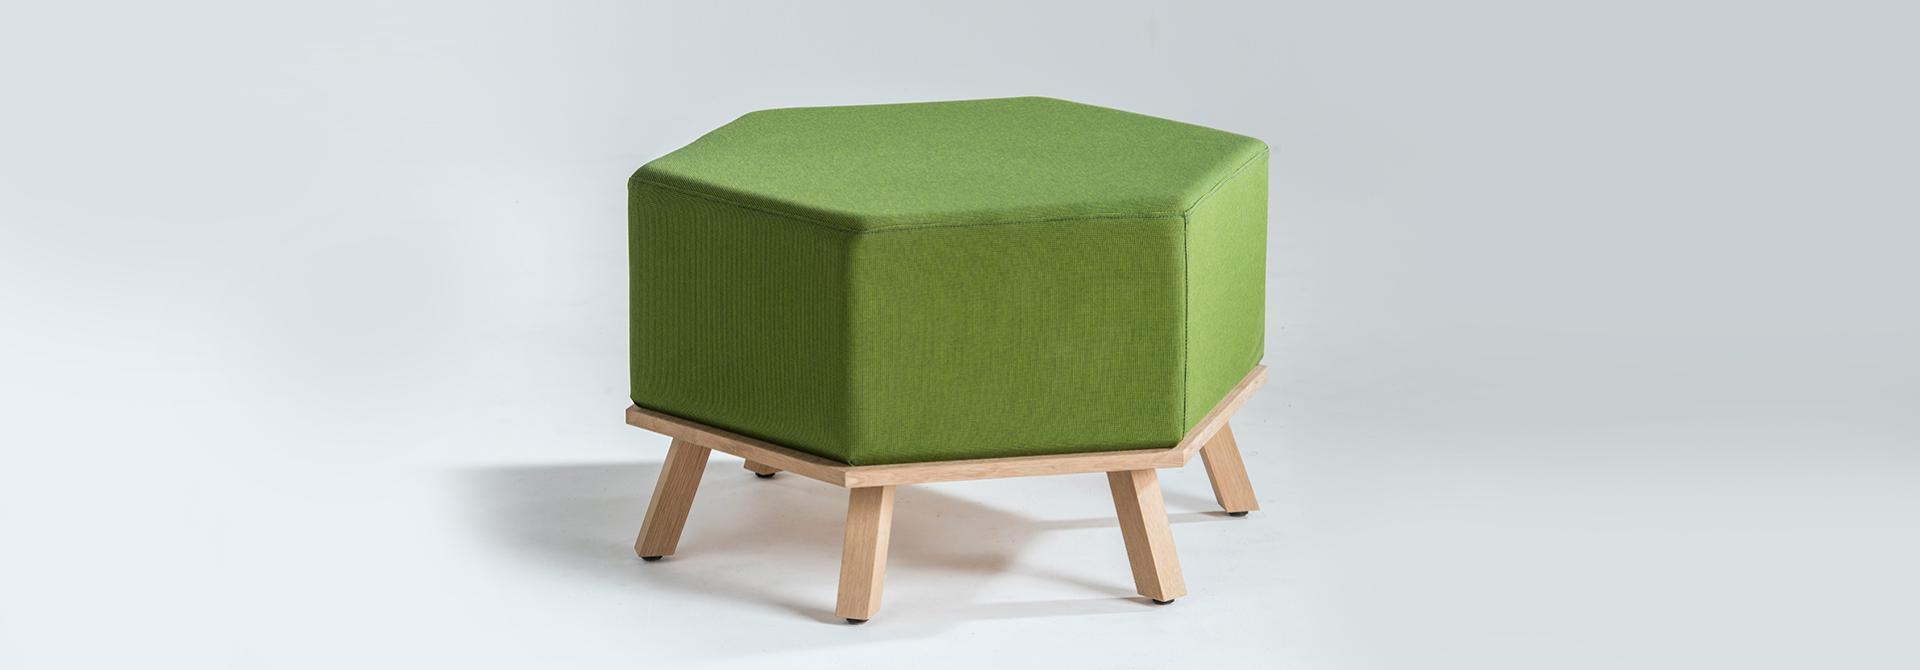 Pouf Hex vert avec pieds en bois